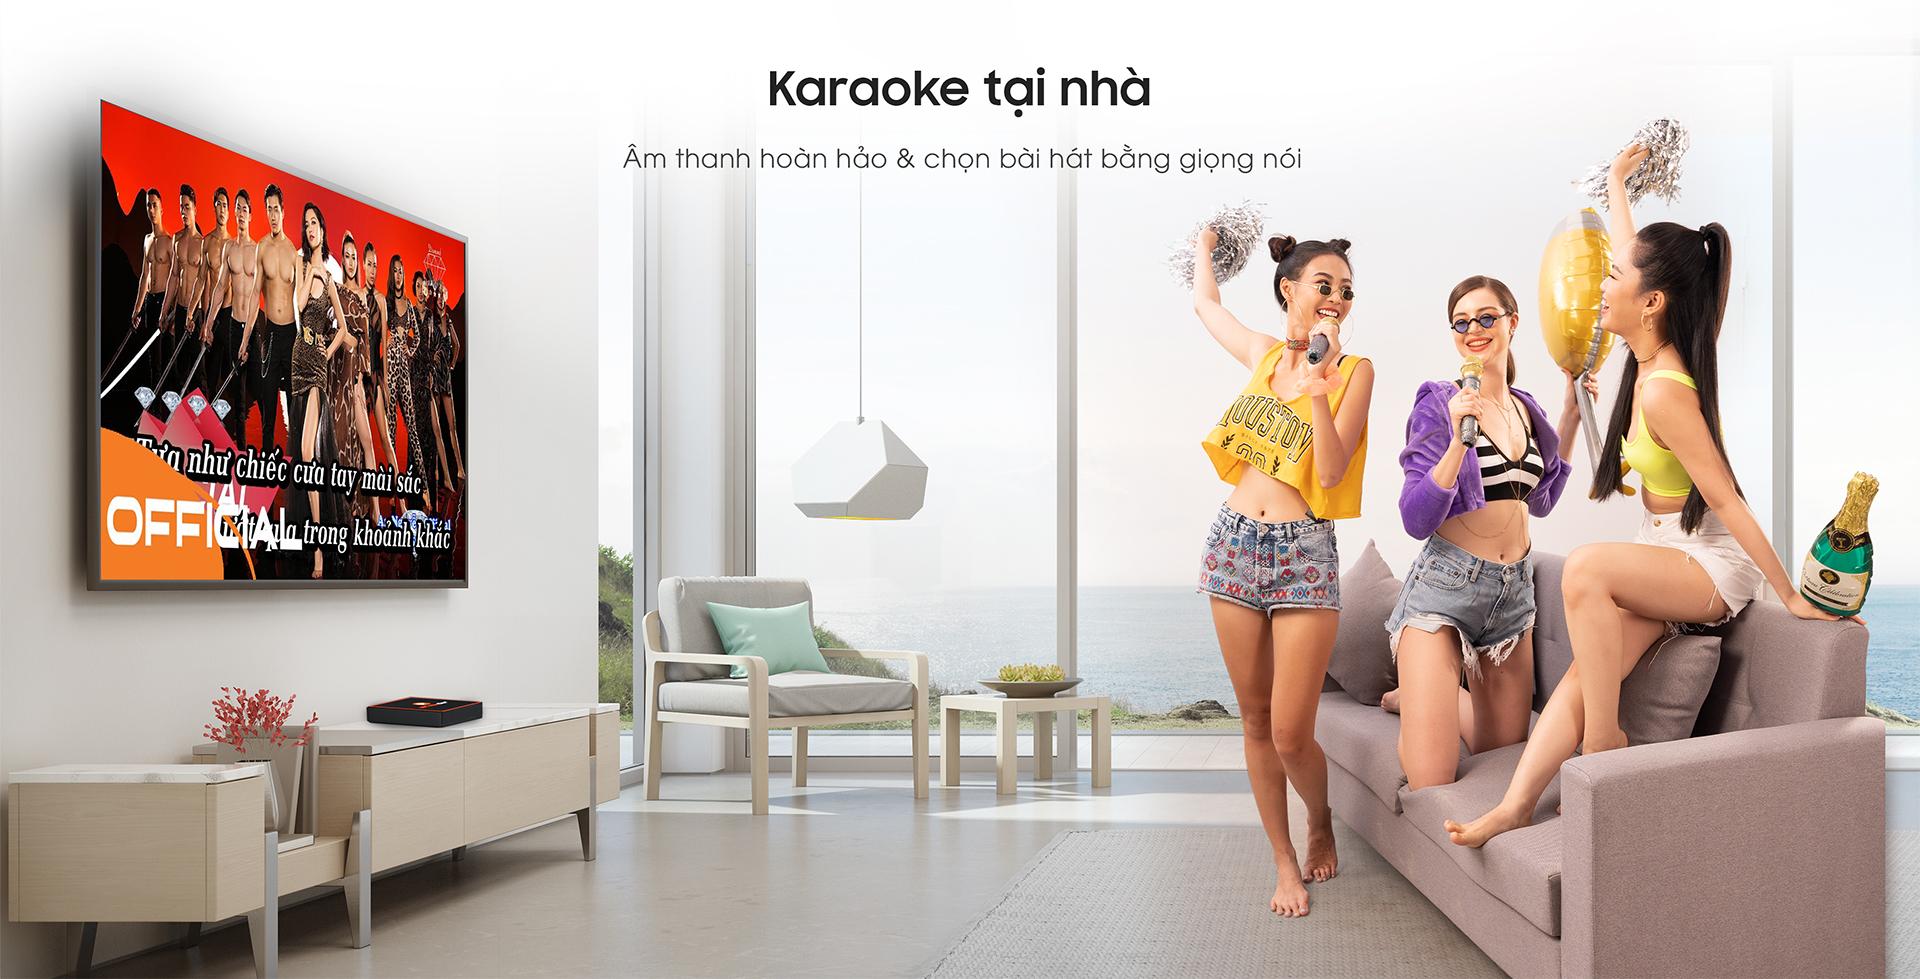 Tải ứng dụng hát karaoke trên FPT Play BOX